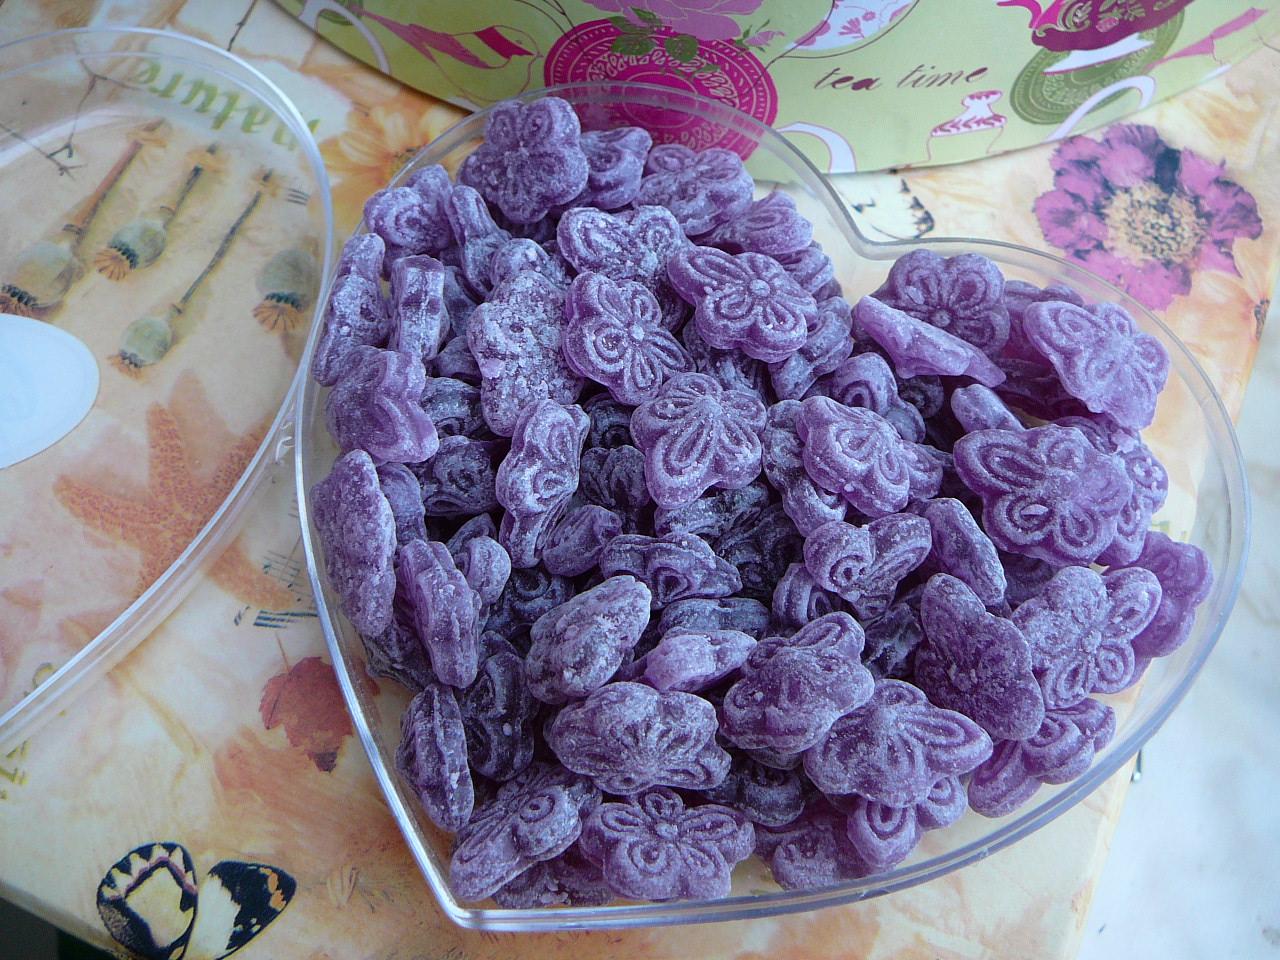 Il caramelle alla violetta